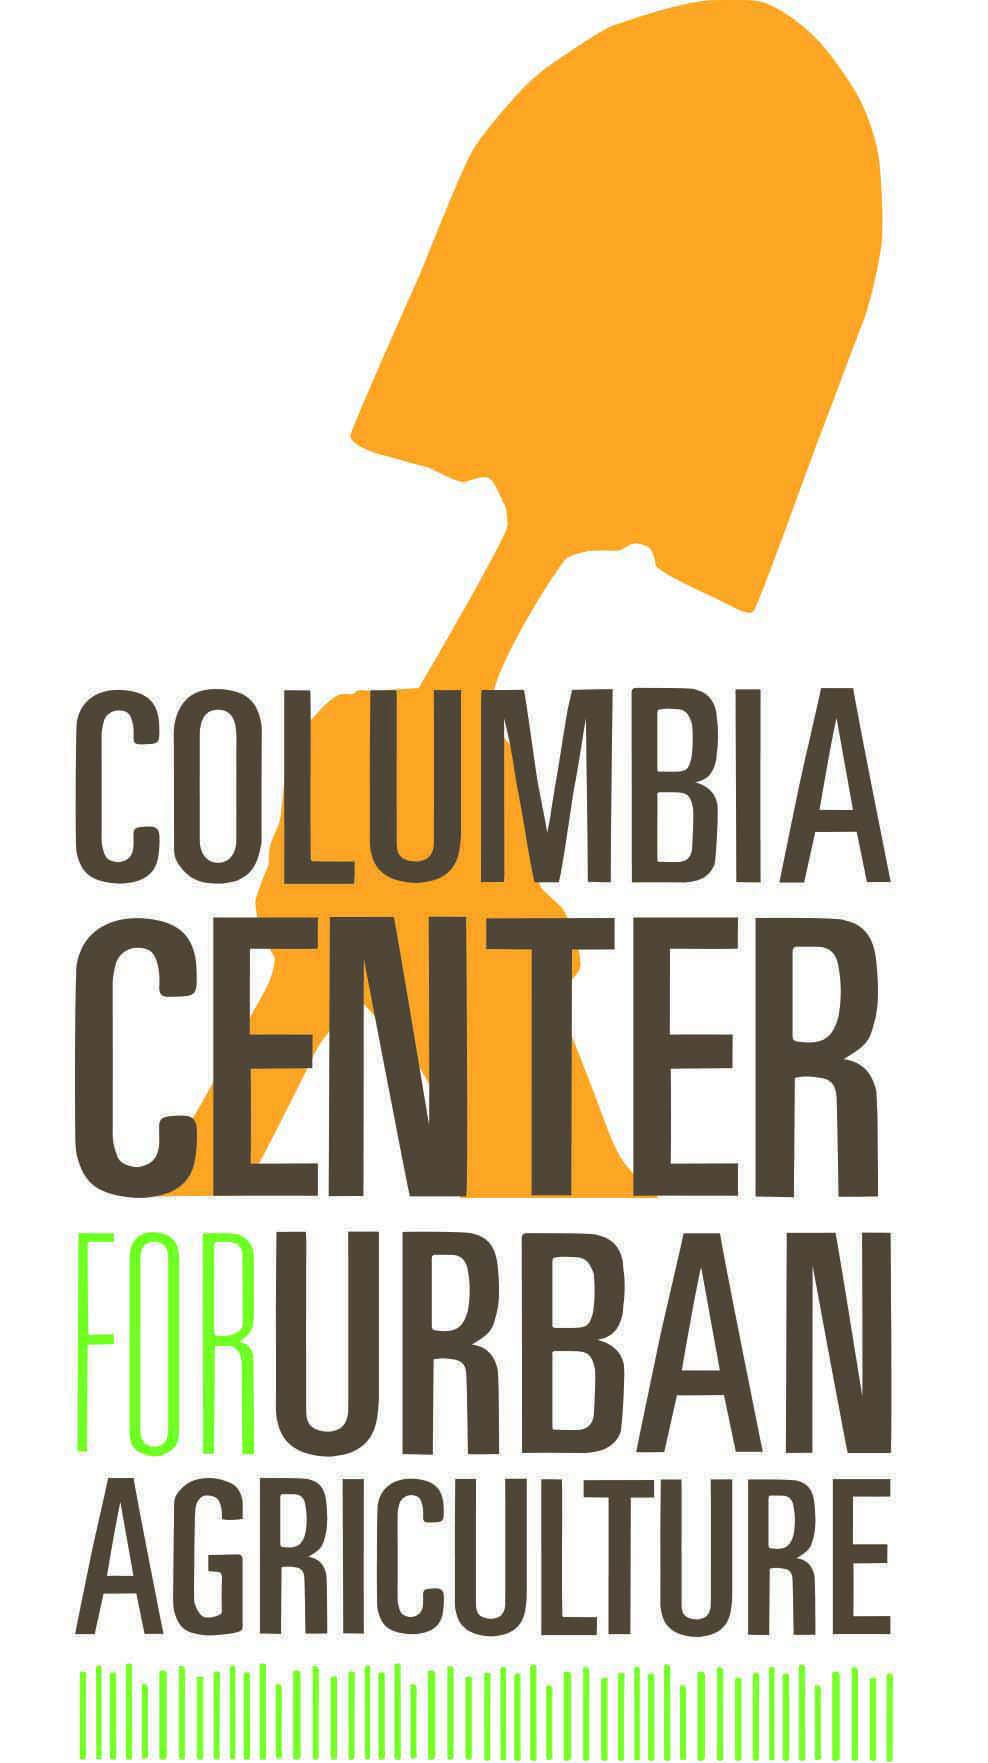 ccua-logo-final-1.jpg